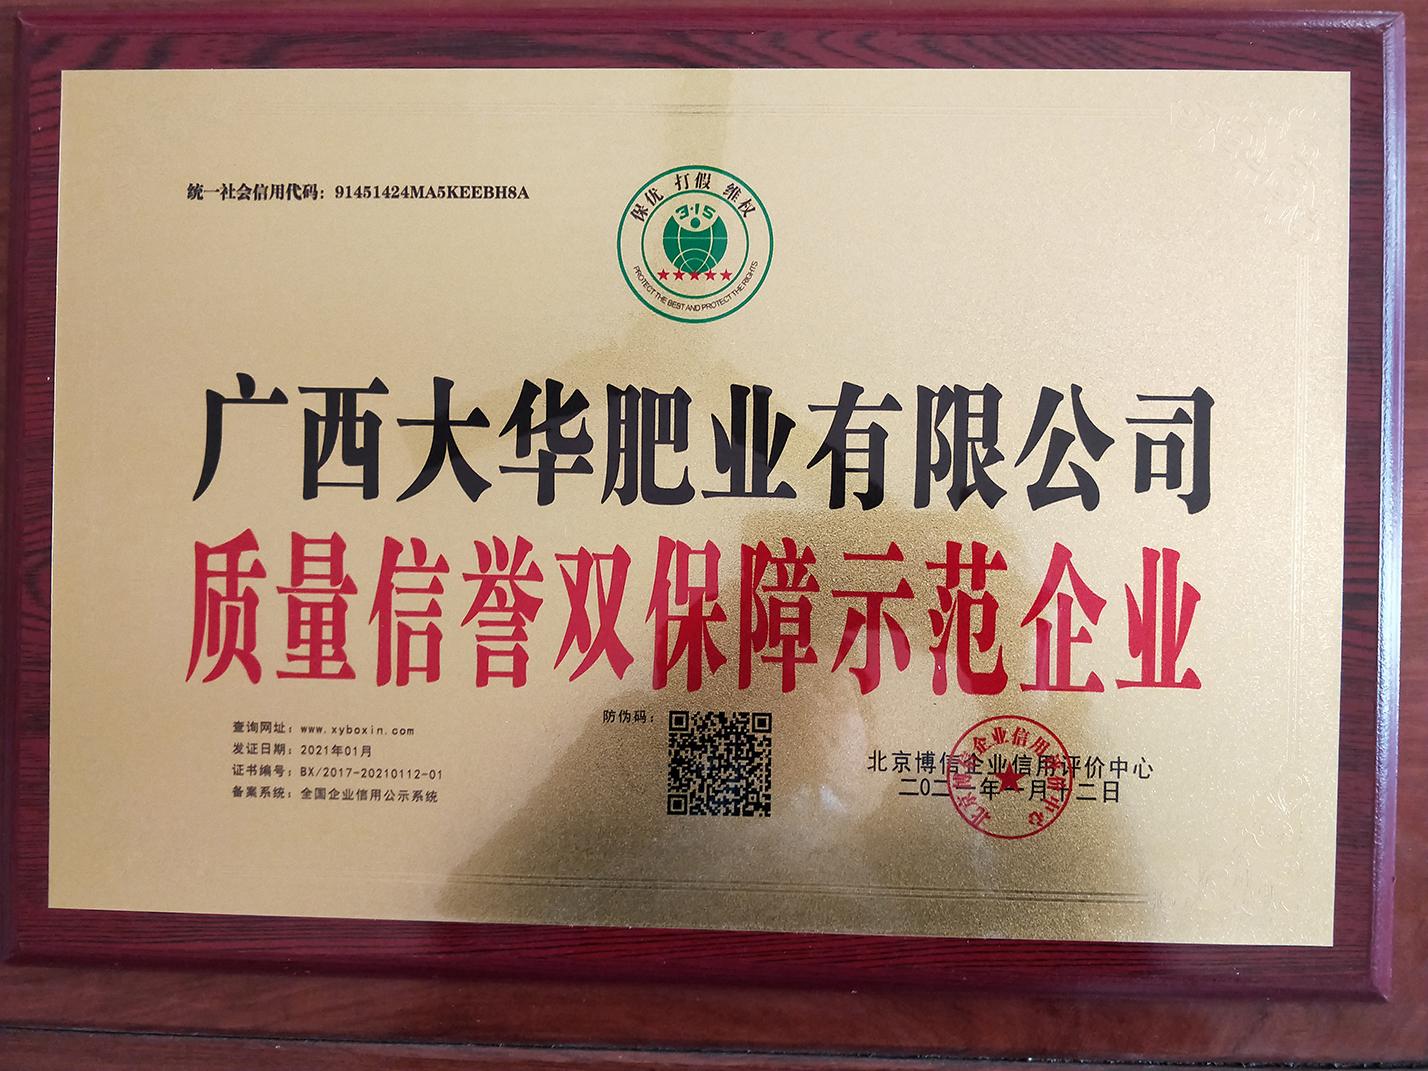 广西 嗡网盟彩票首页肥业